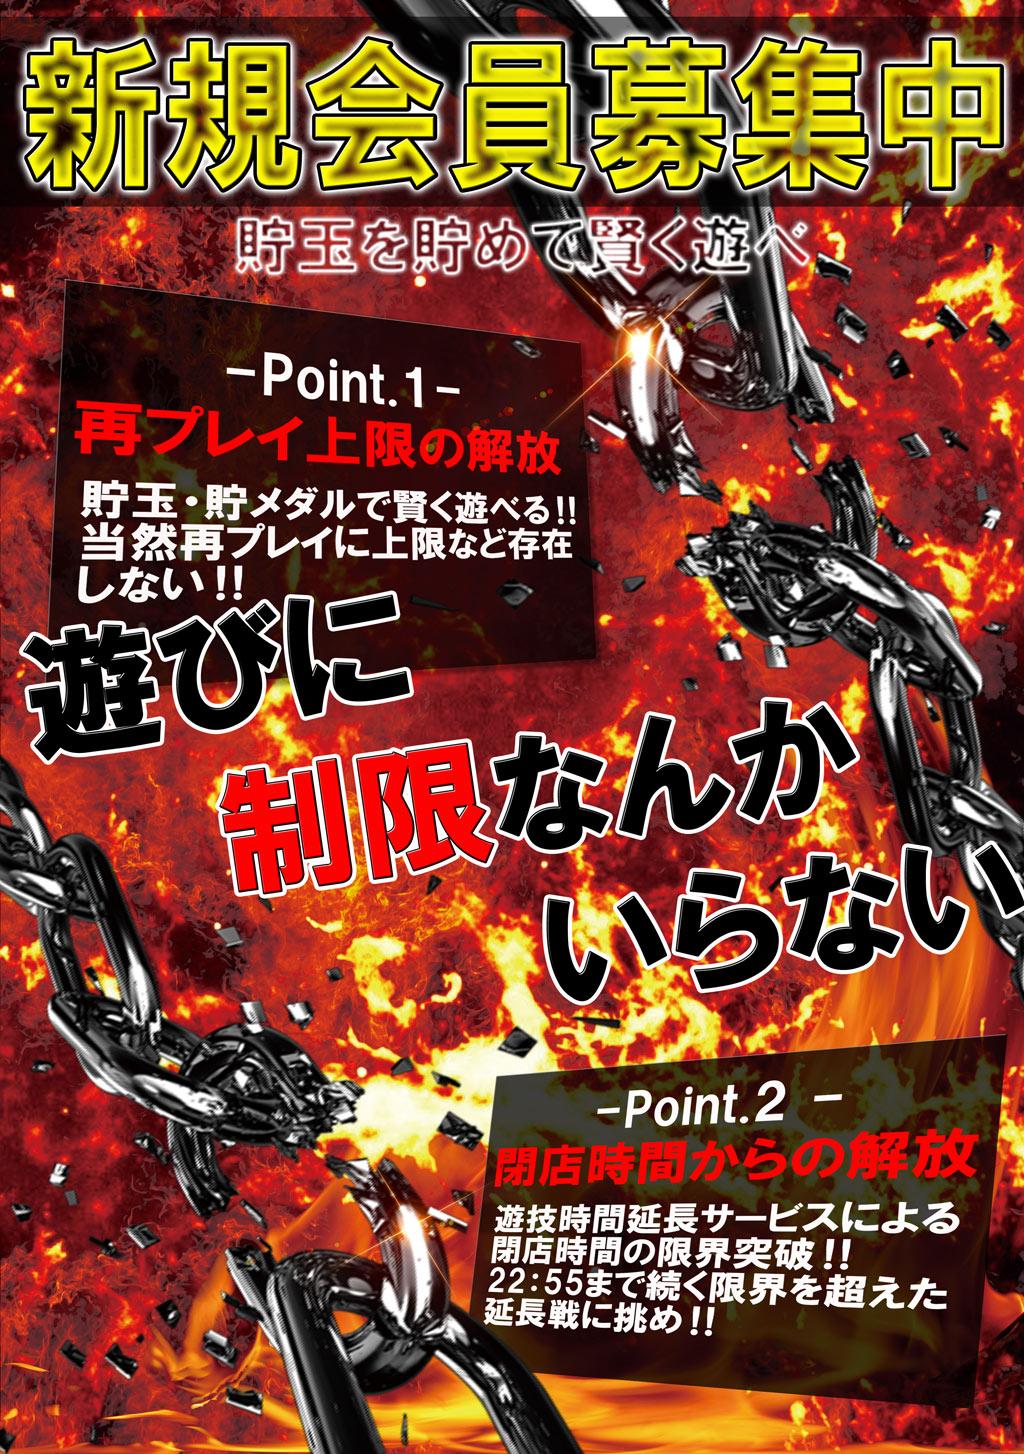 LINE@友だち3000名突破!!